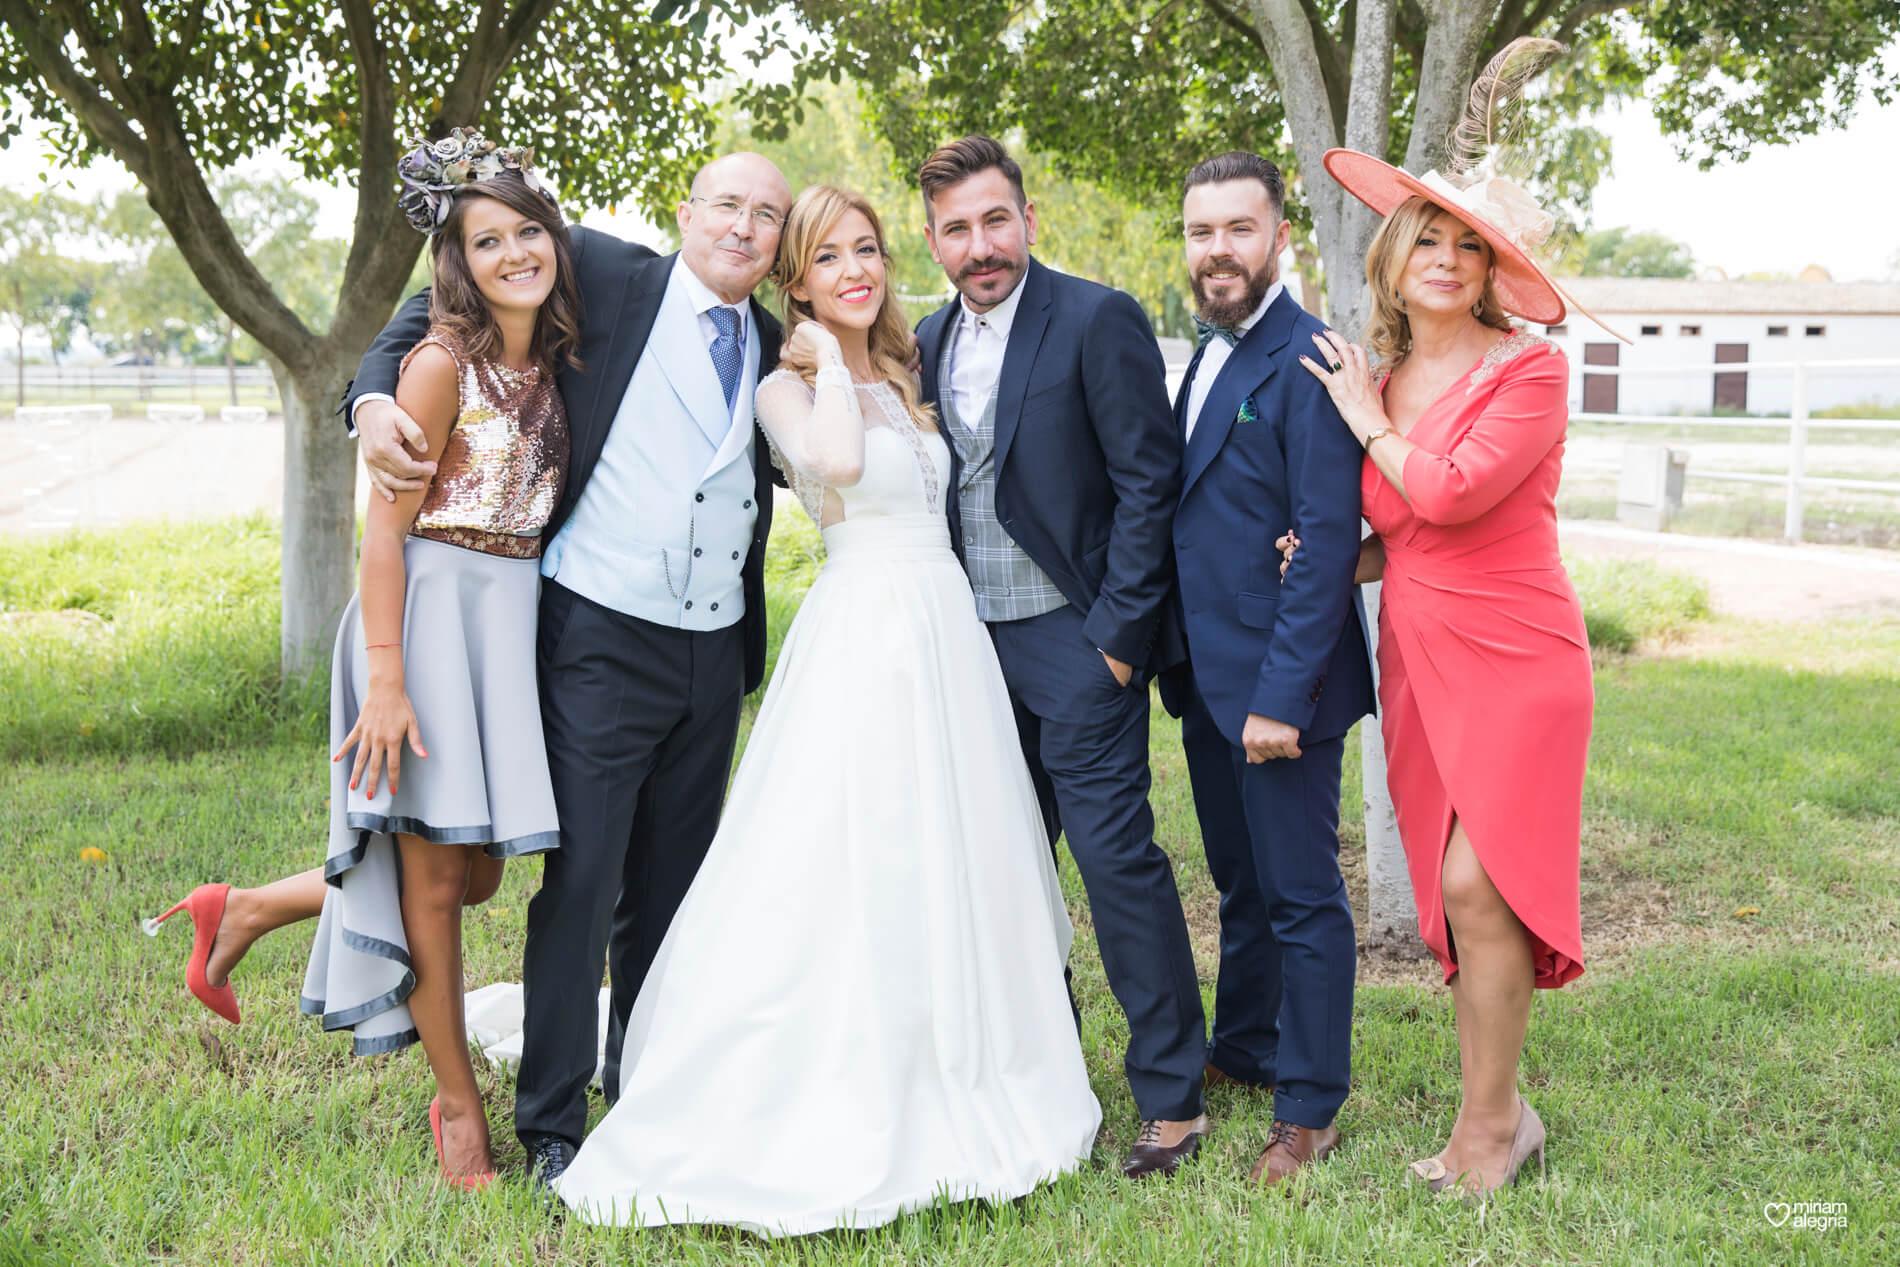 boda-en-finca-villa-vera-de-alemc7-miriam-alegria-fotografos-boda-murcia-138